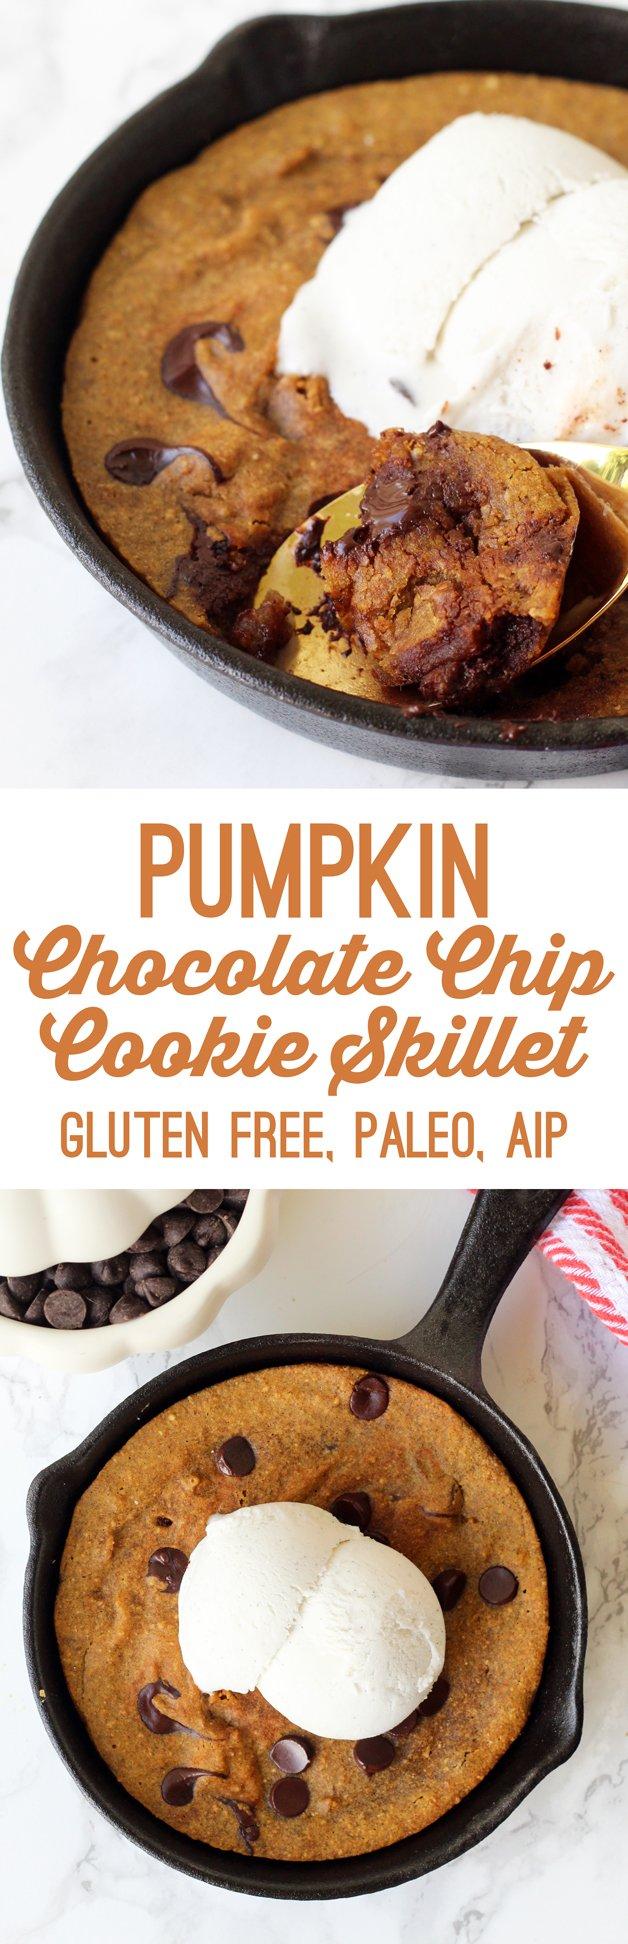 Paleo Pumpkin Chocolate Chip Cookie Skillet (AIP, Gluten Free)